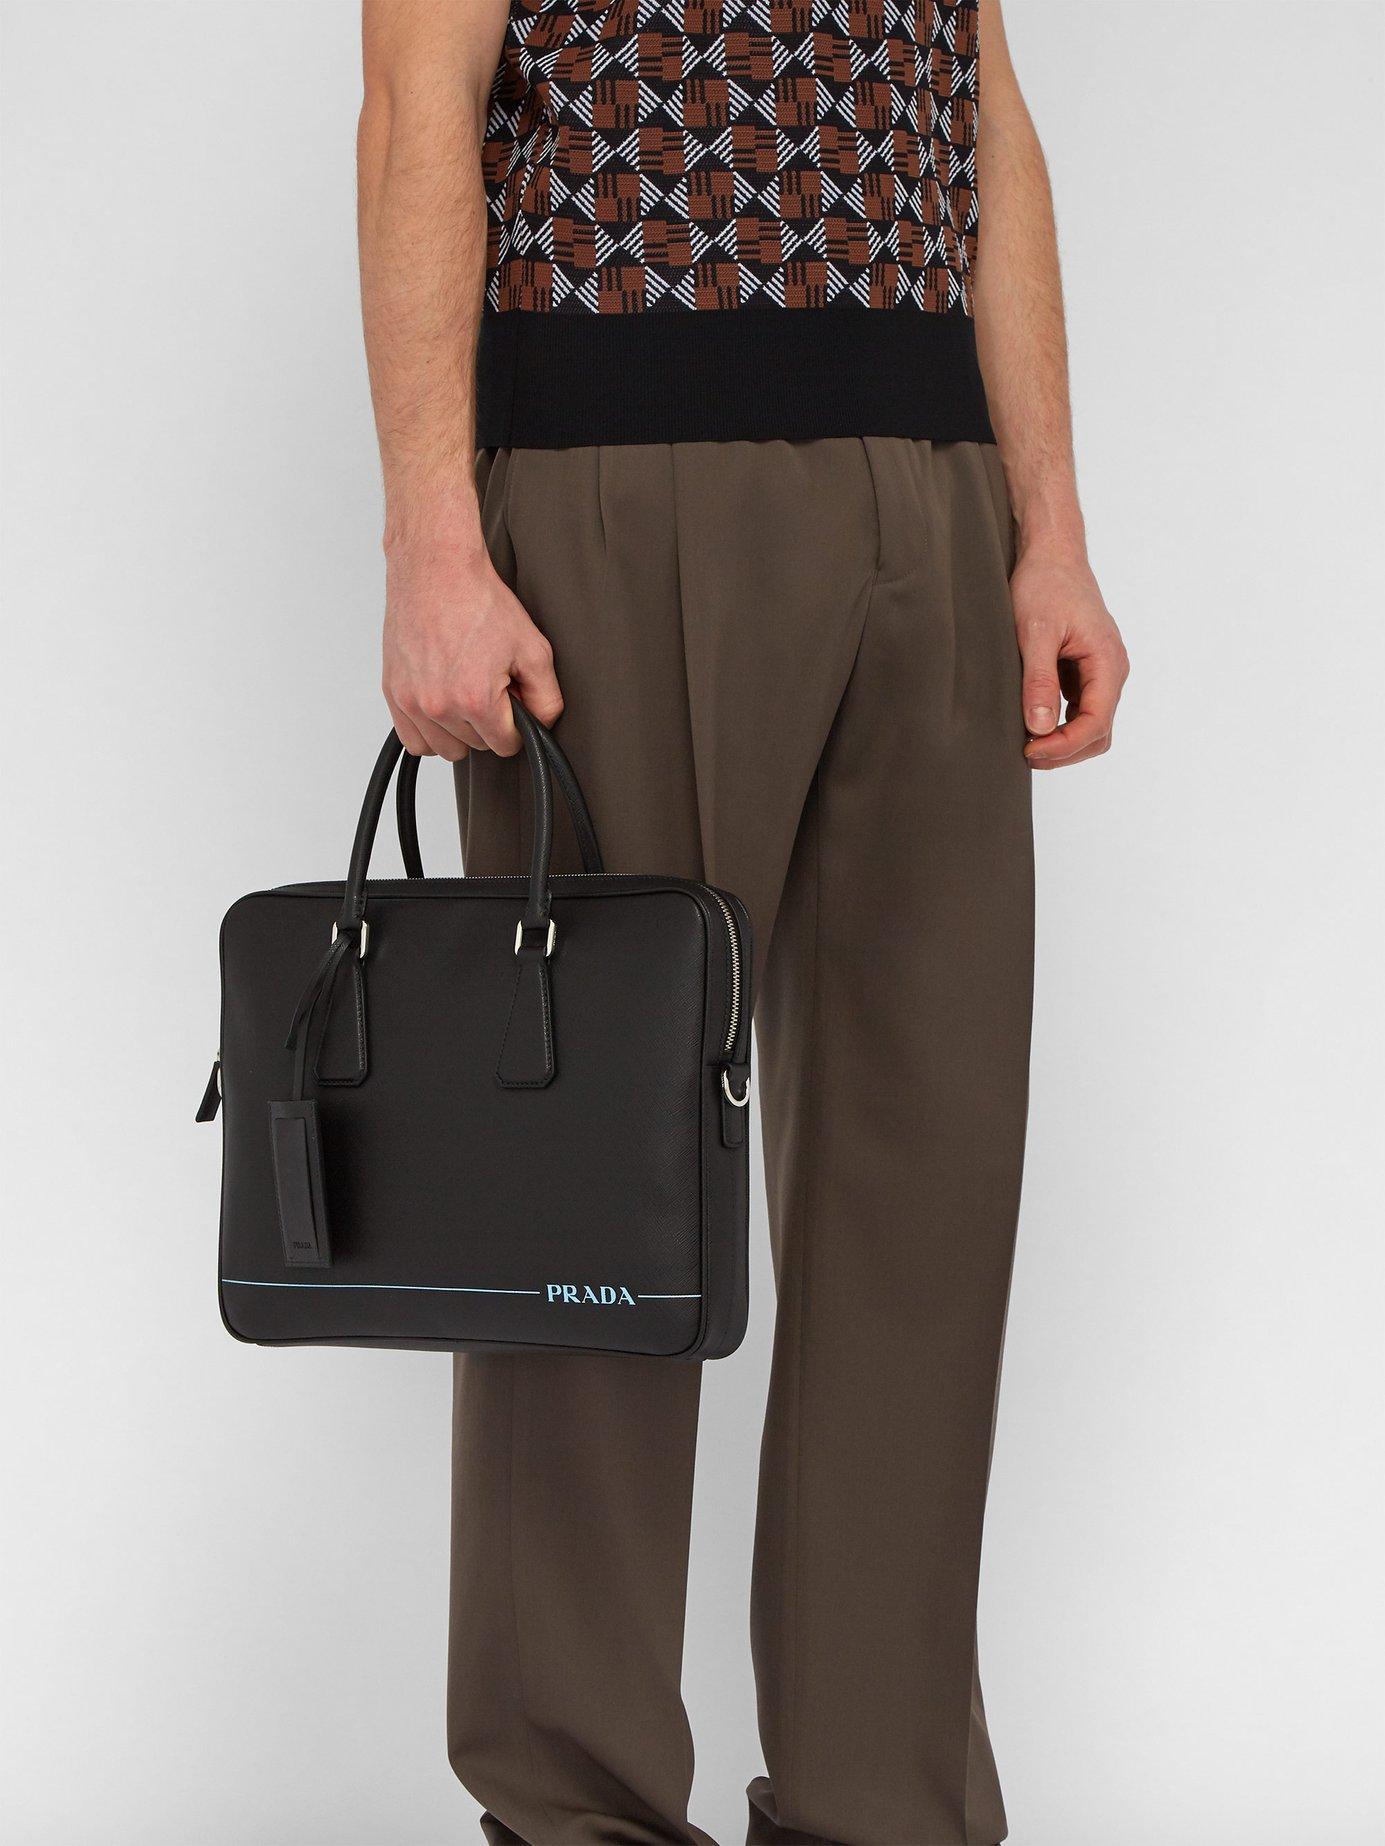 142fa458ab Lyst - Prada Saffiano Leather Briefcase in Black for Men